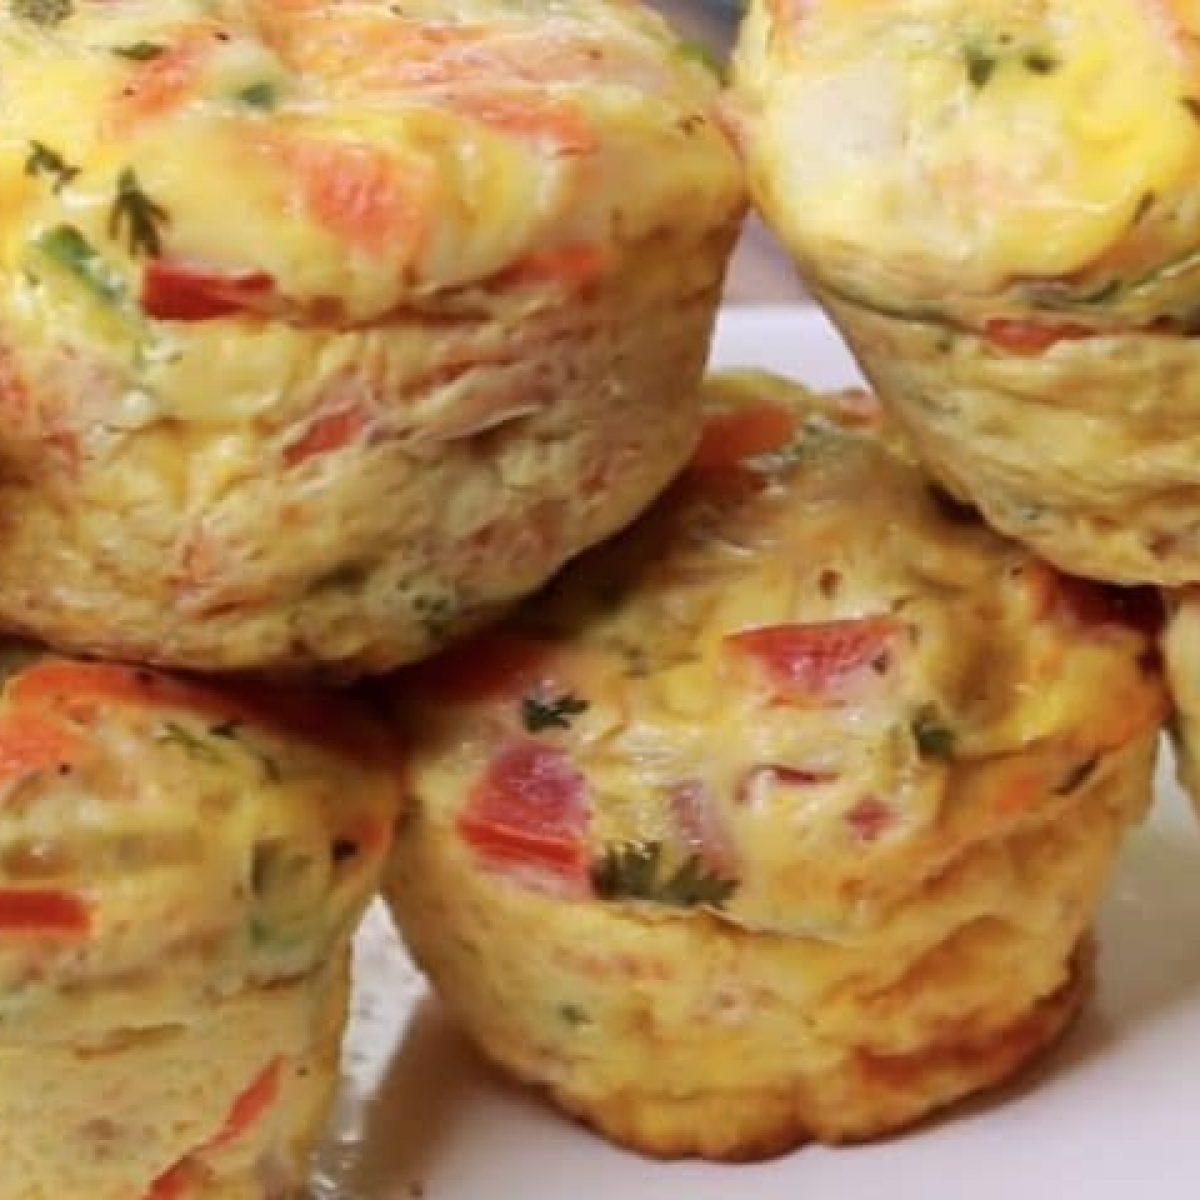 Antipasti Di Natale Monoporzione.Omelette Muffin La Ricetta Delle Frittatine Monoporzione Semplici E Sfiziose